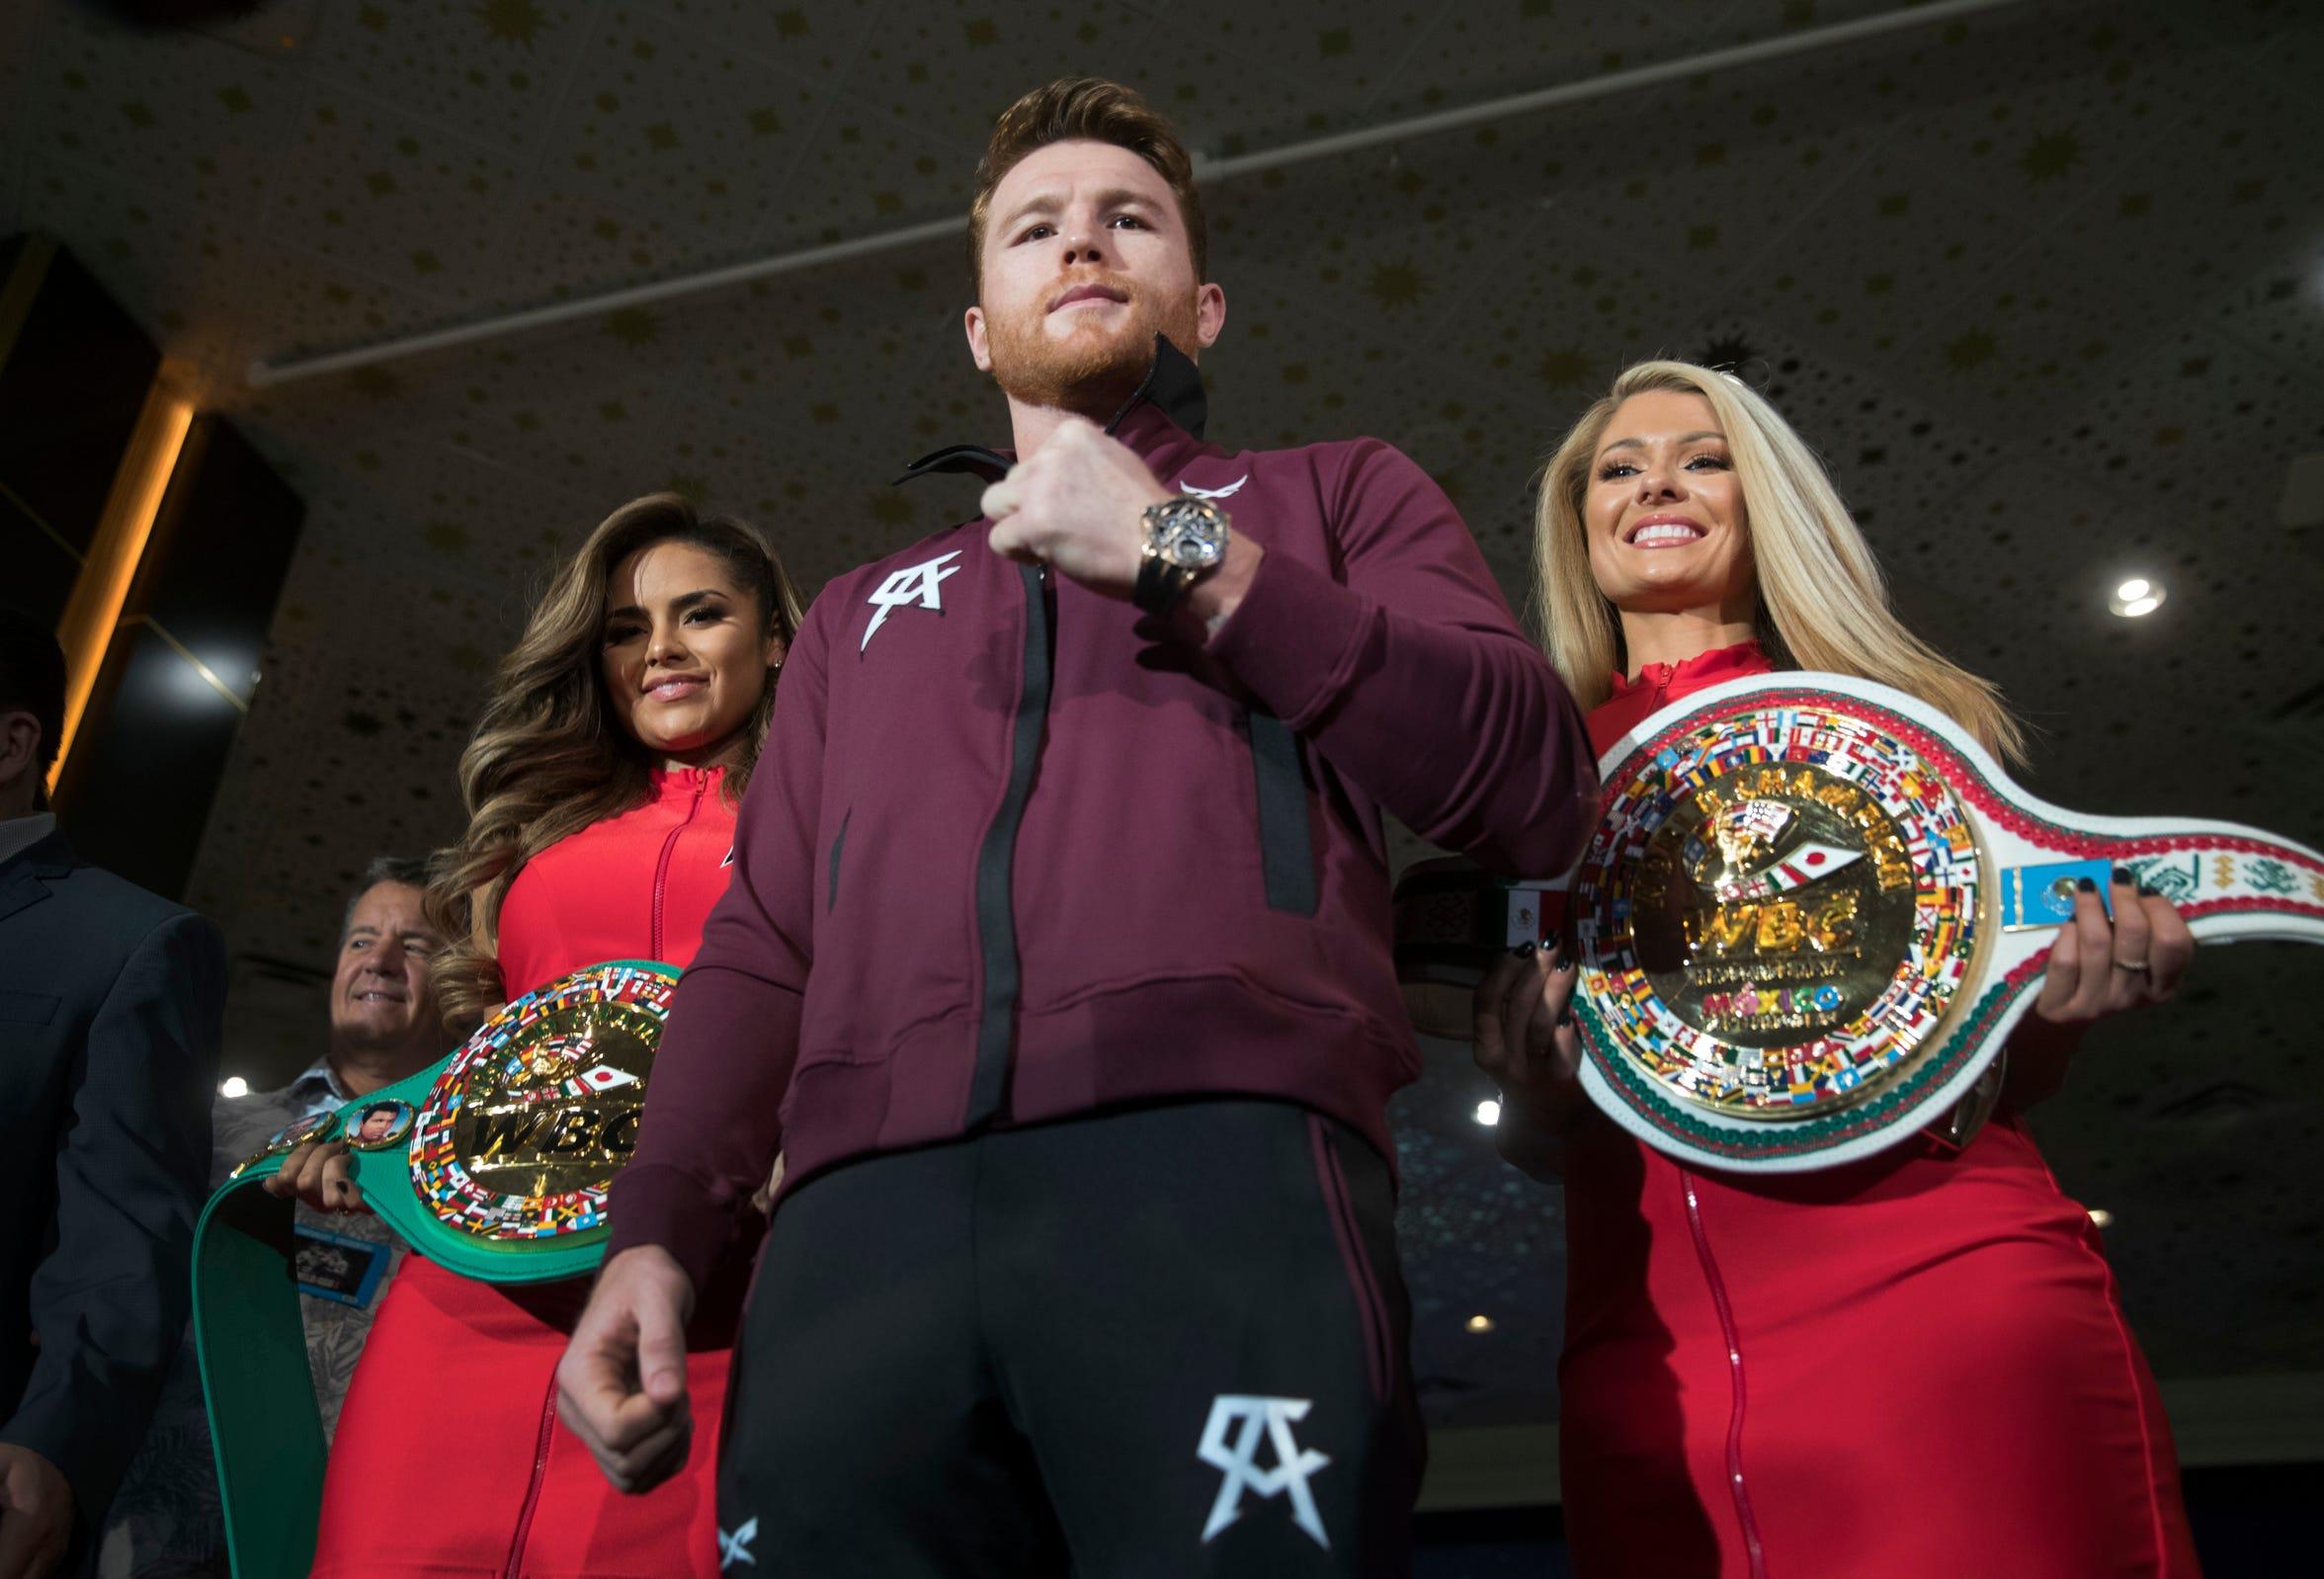 Gennady Golovkin posa junto a los dos cinturones en disputa, en la última rueda de prensa previo a la pelea del sábado, celebrada el miércoles 12 de septiembre.